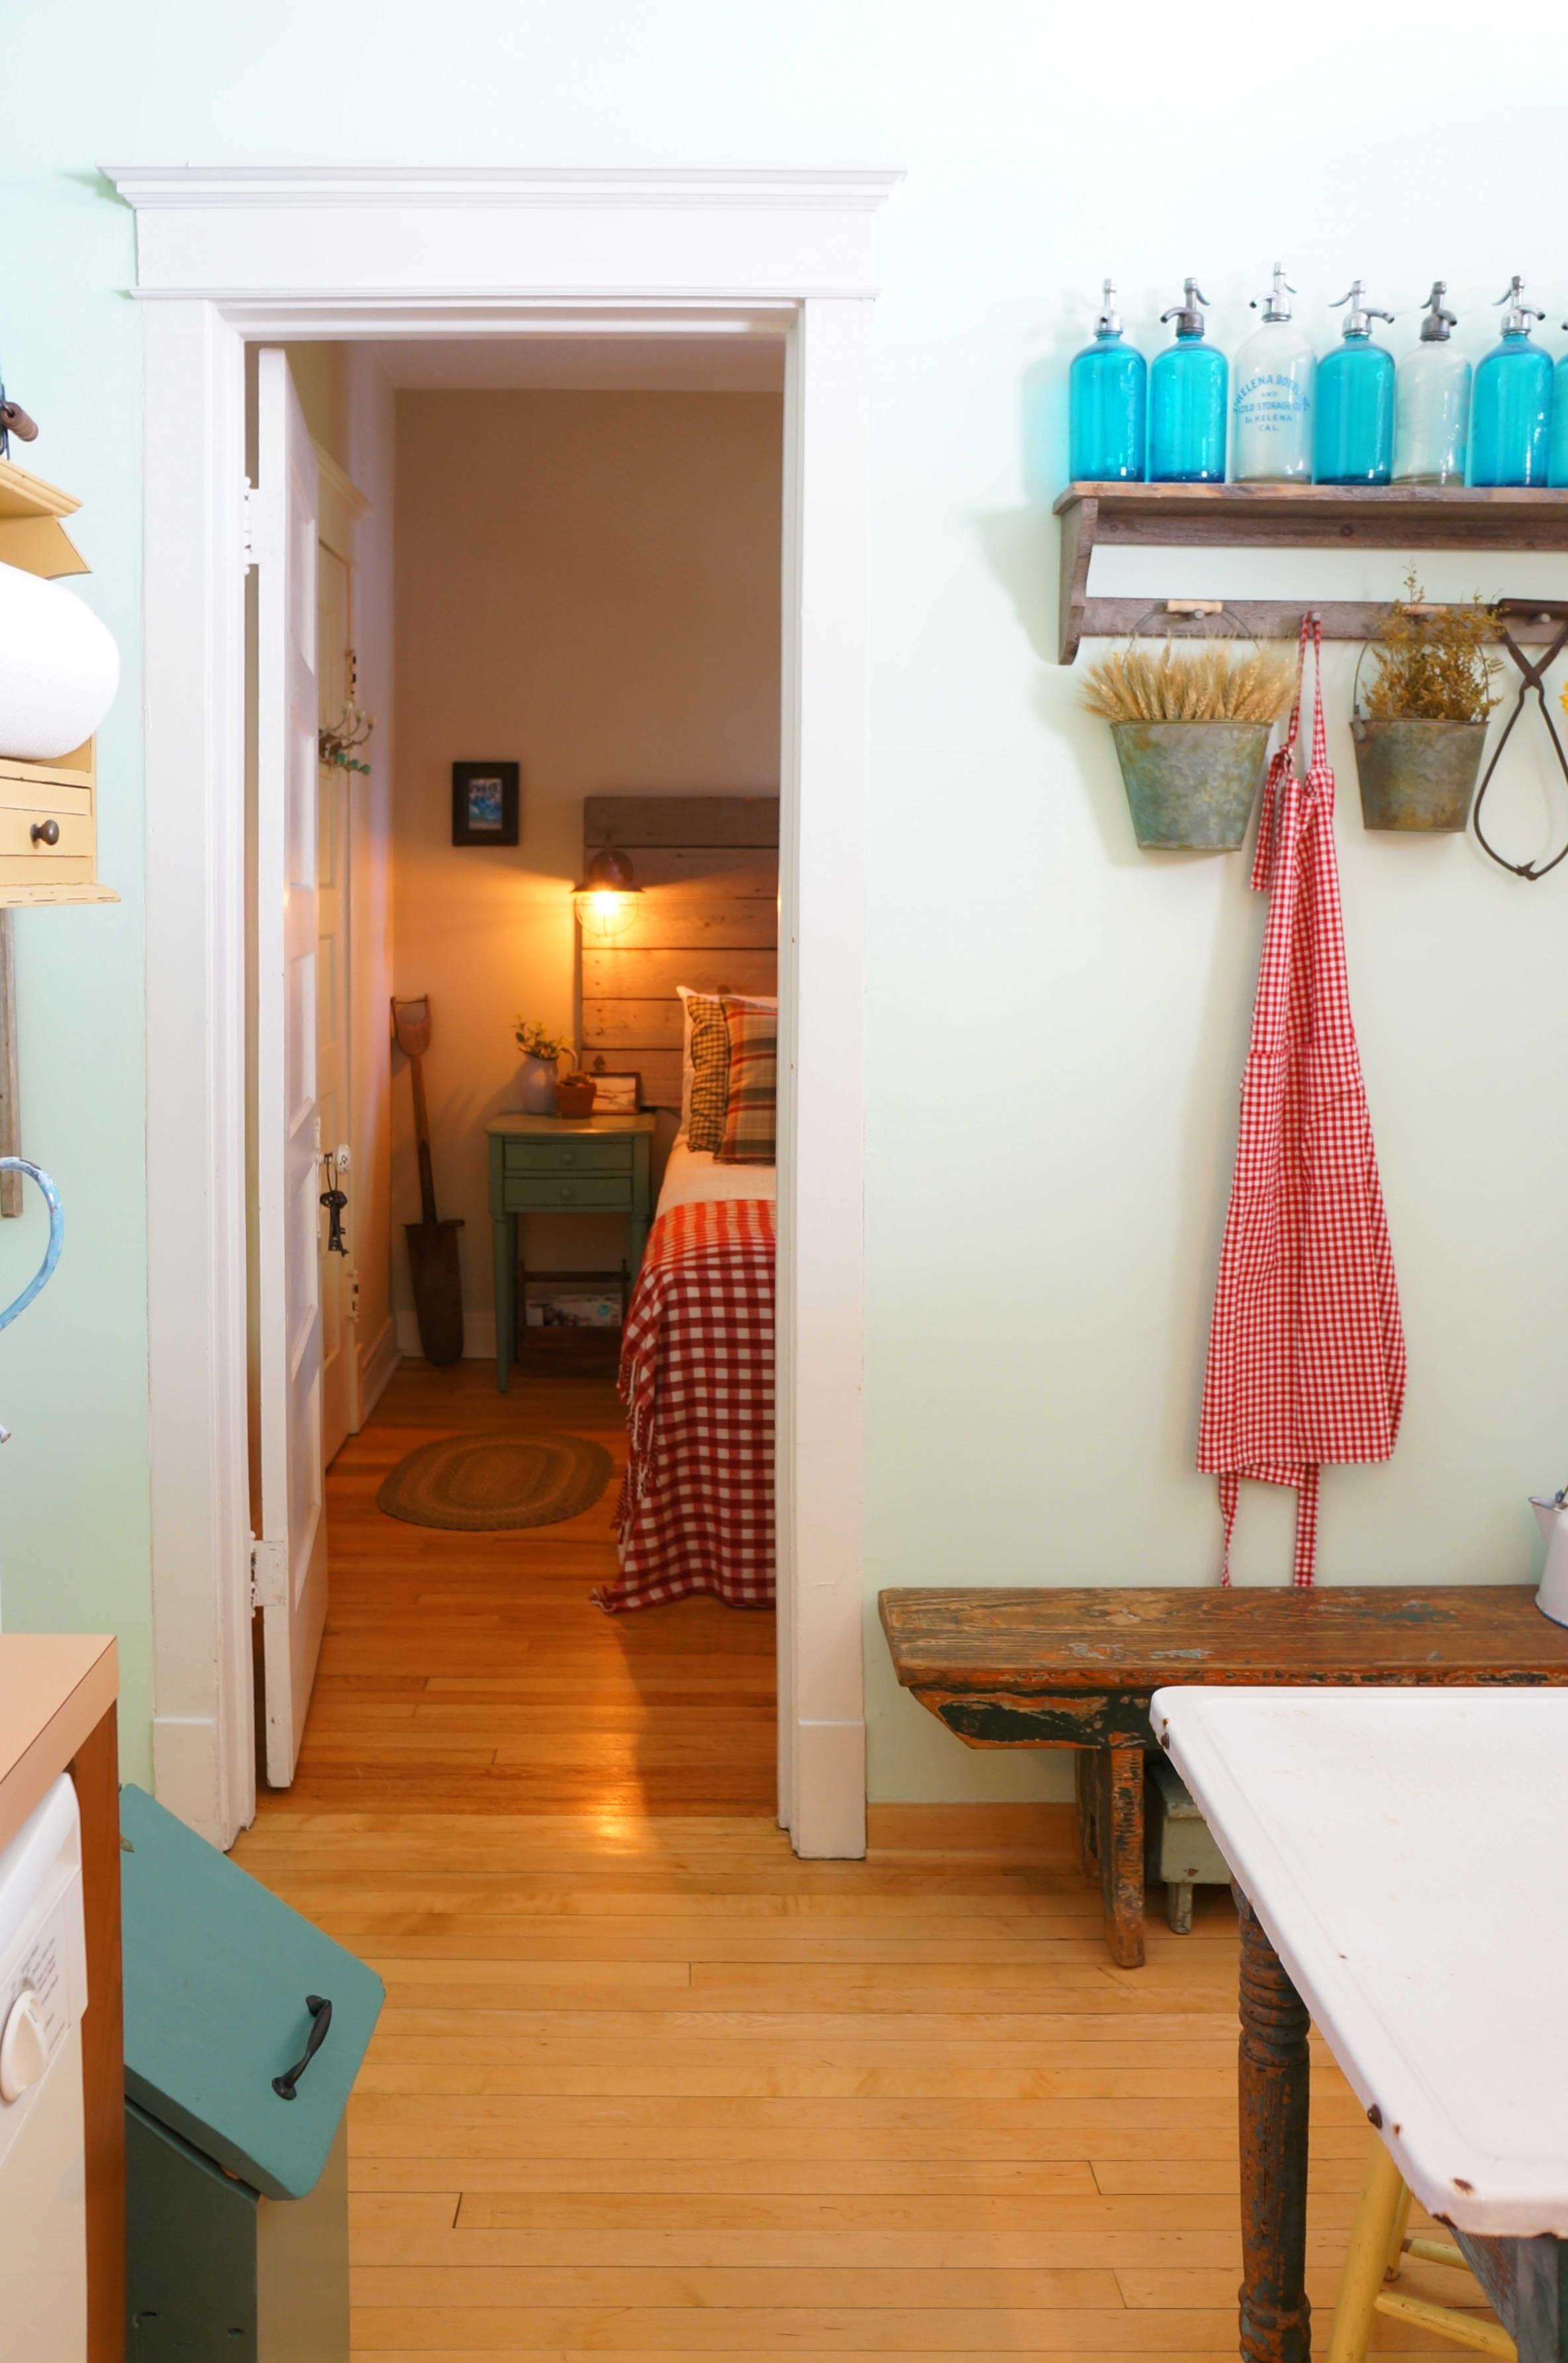 House Tour: Cozy Farmhouse Style, Evolved | Apartment Therapy